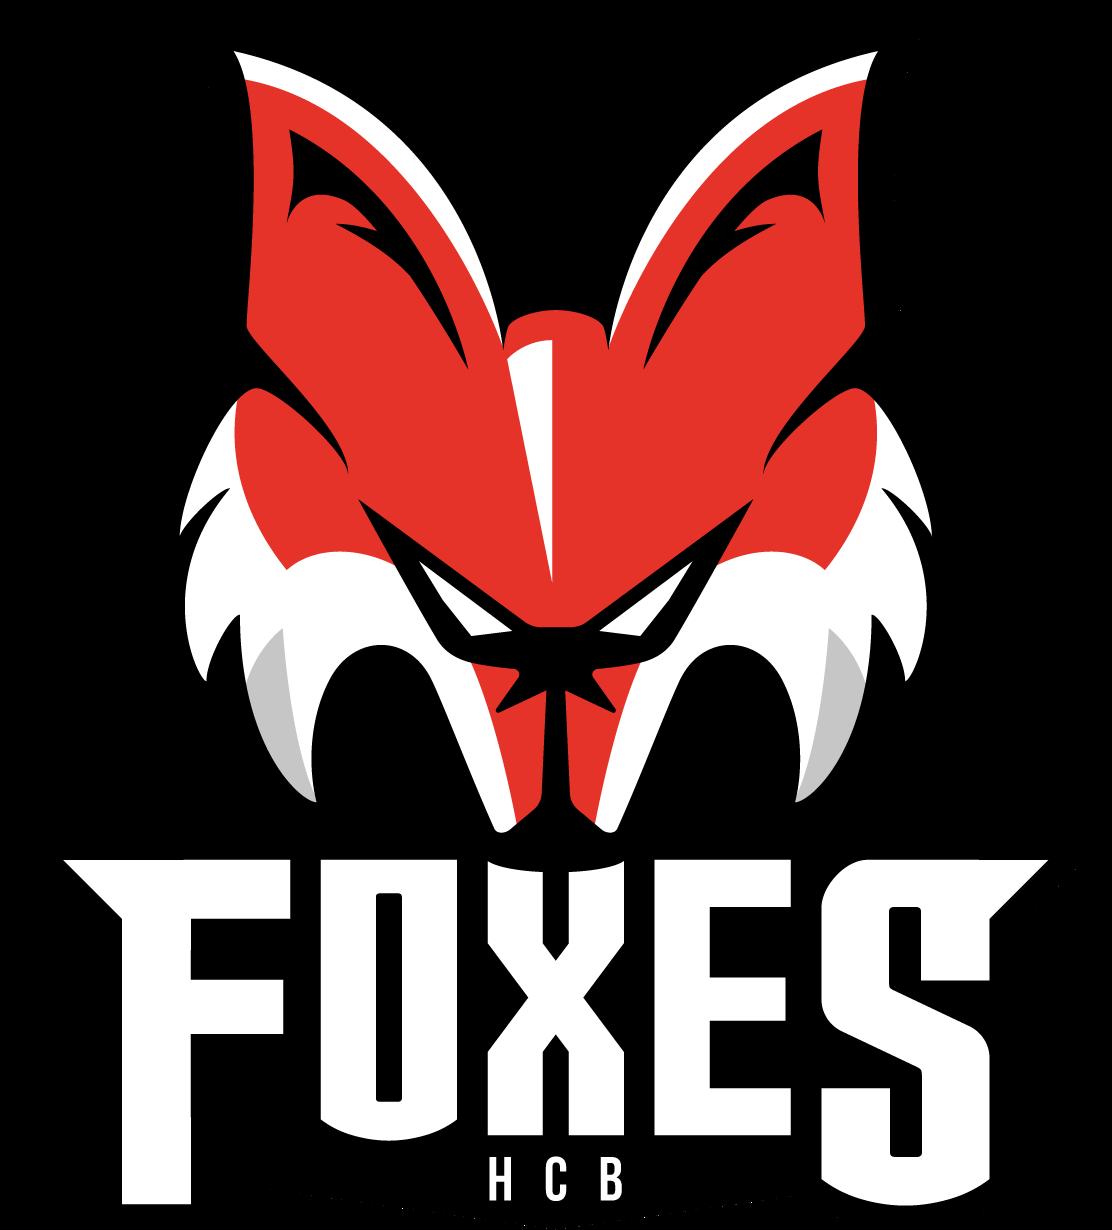 Hockey Club Bolzano Foxes